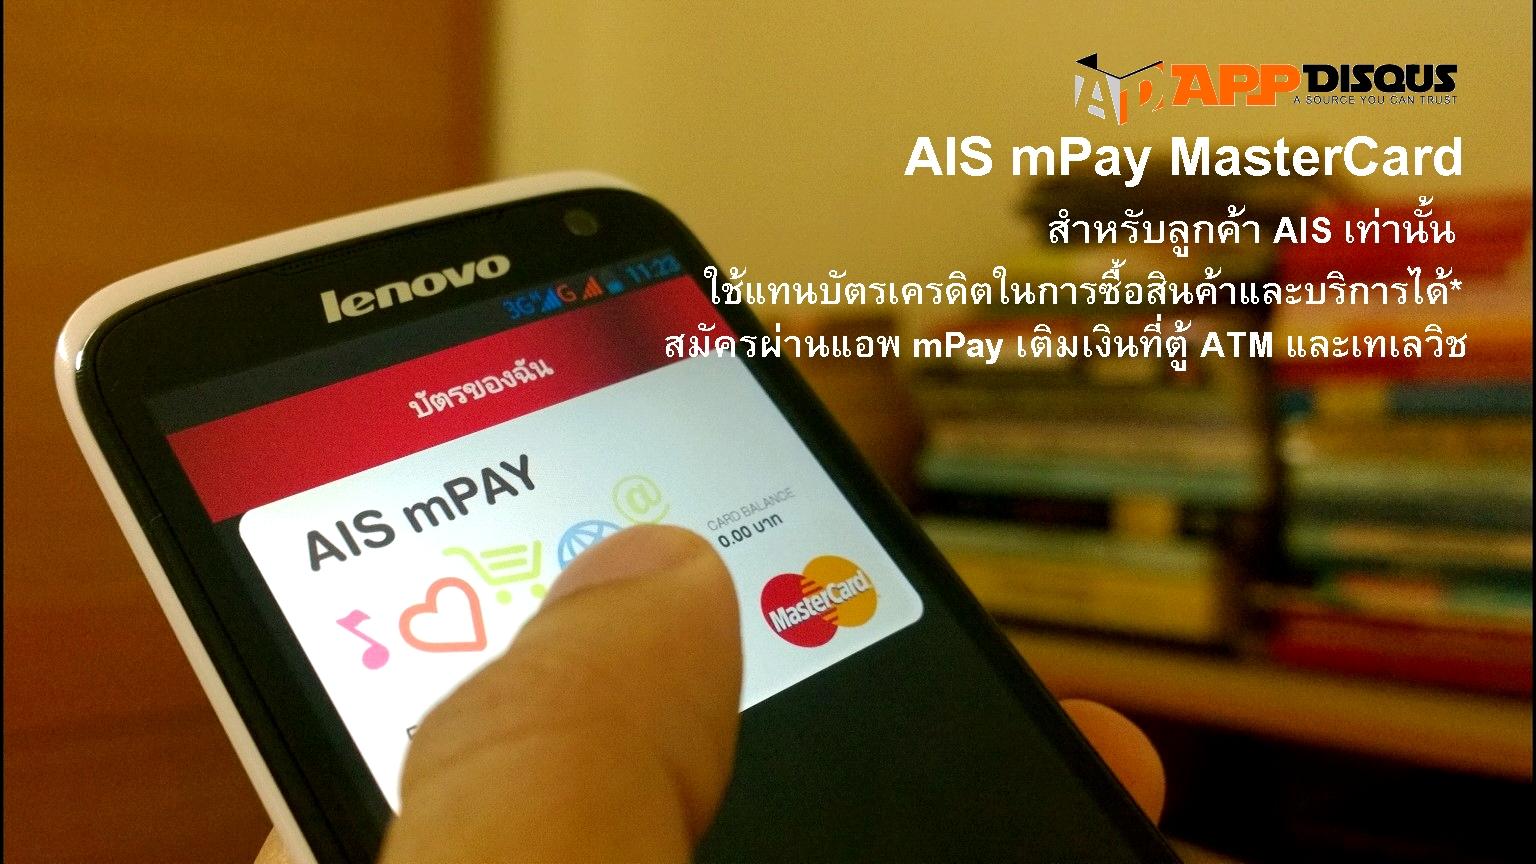 ais mpay mastercard 4